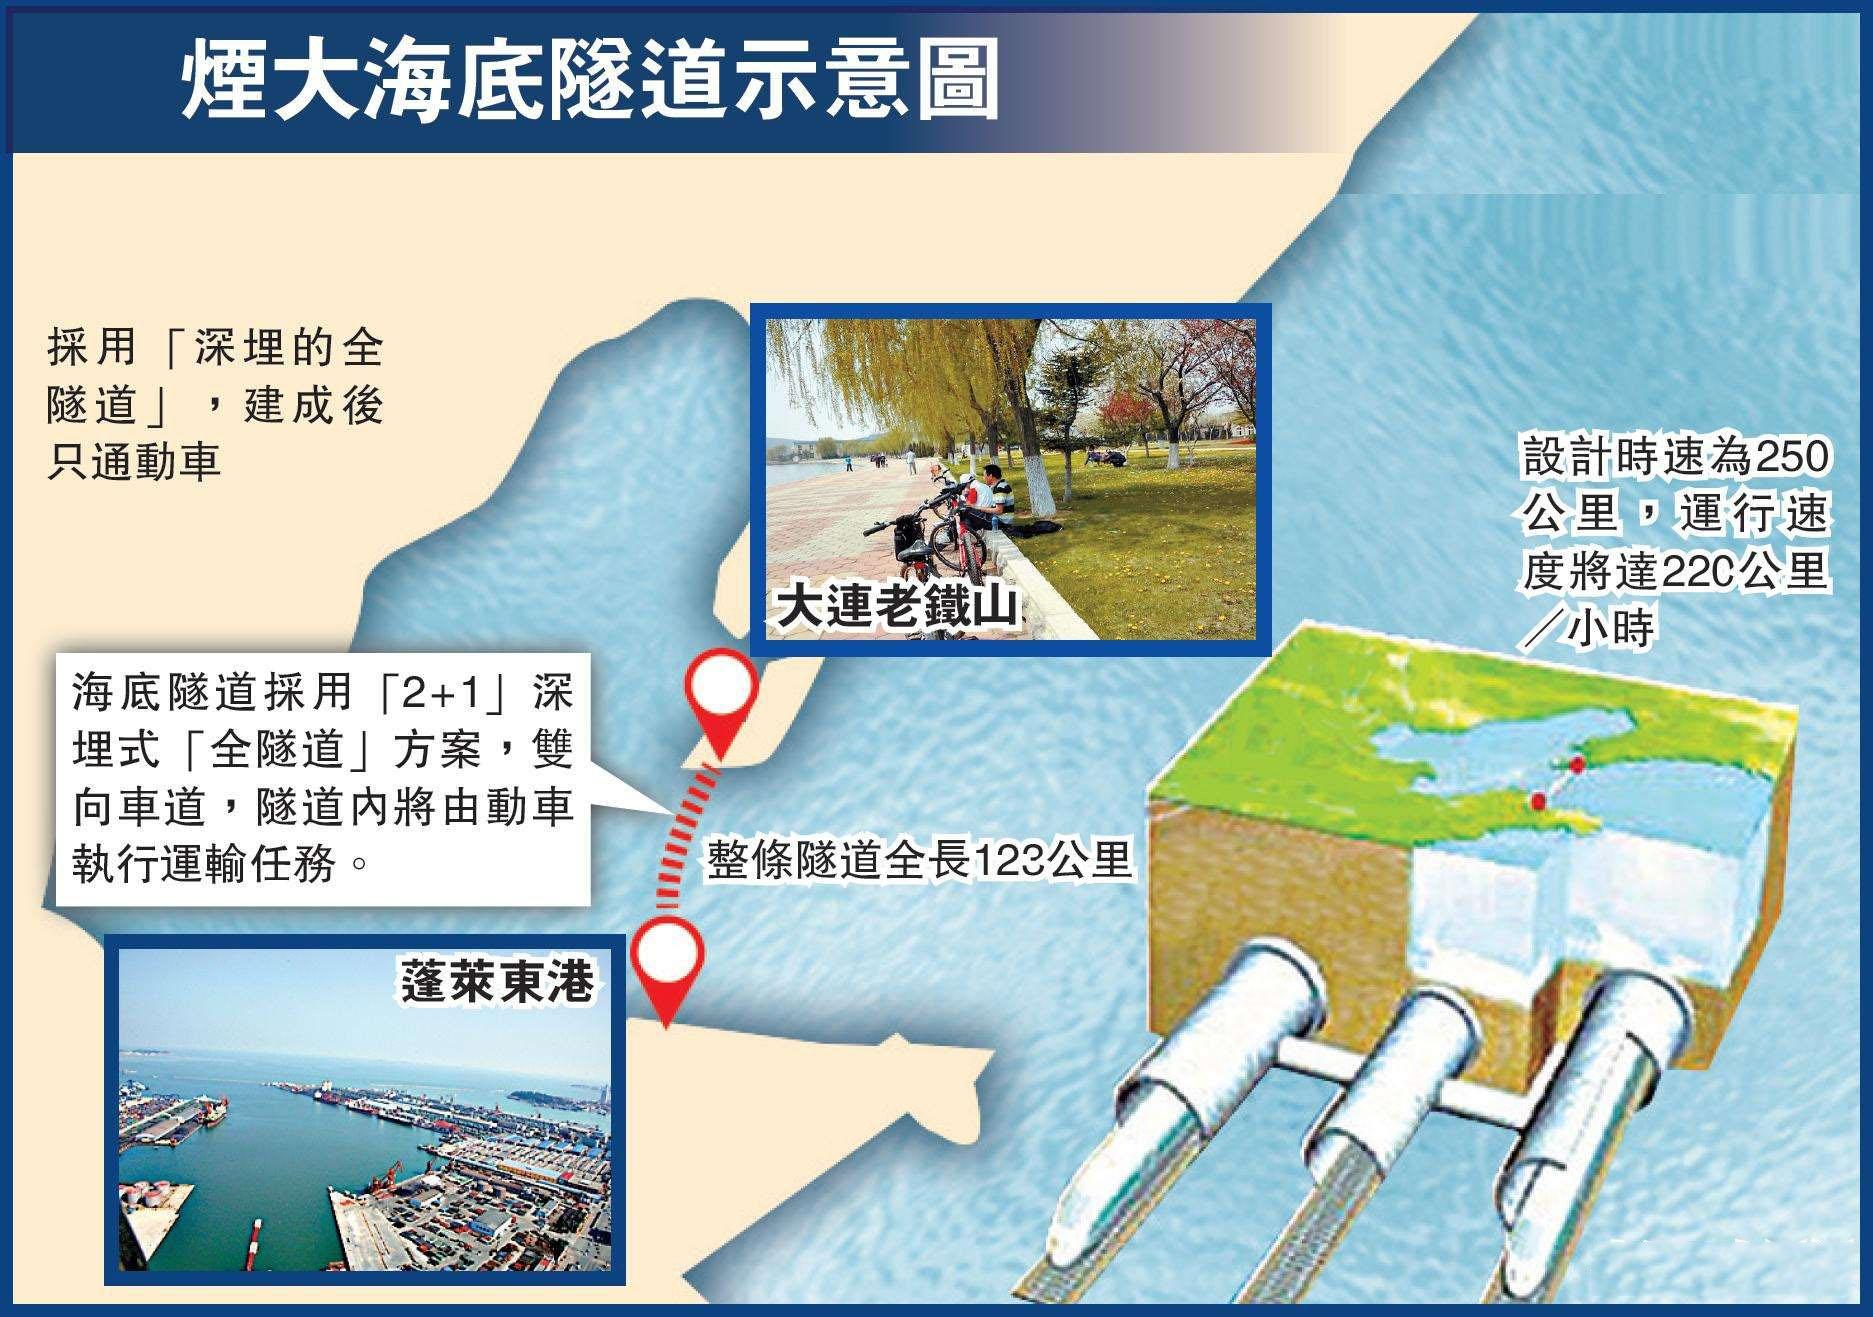 烟台济南gdp_山东济南, 广东佛山和福建福州, 综合实力谁占上风